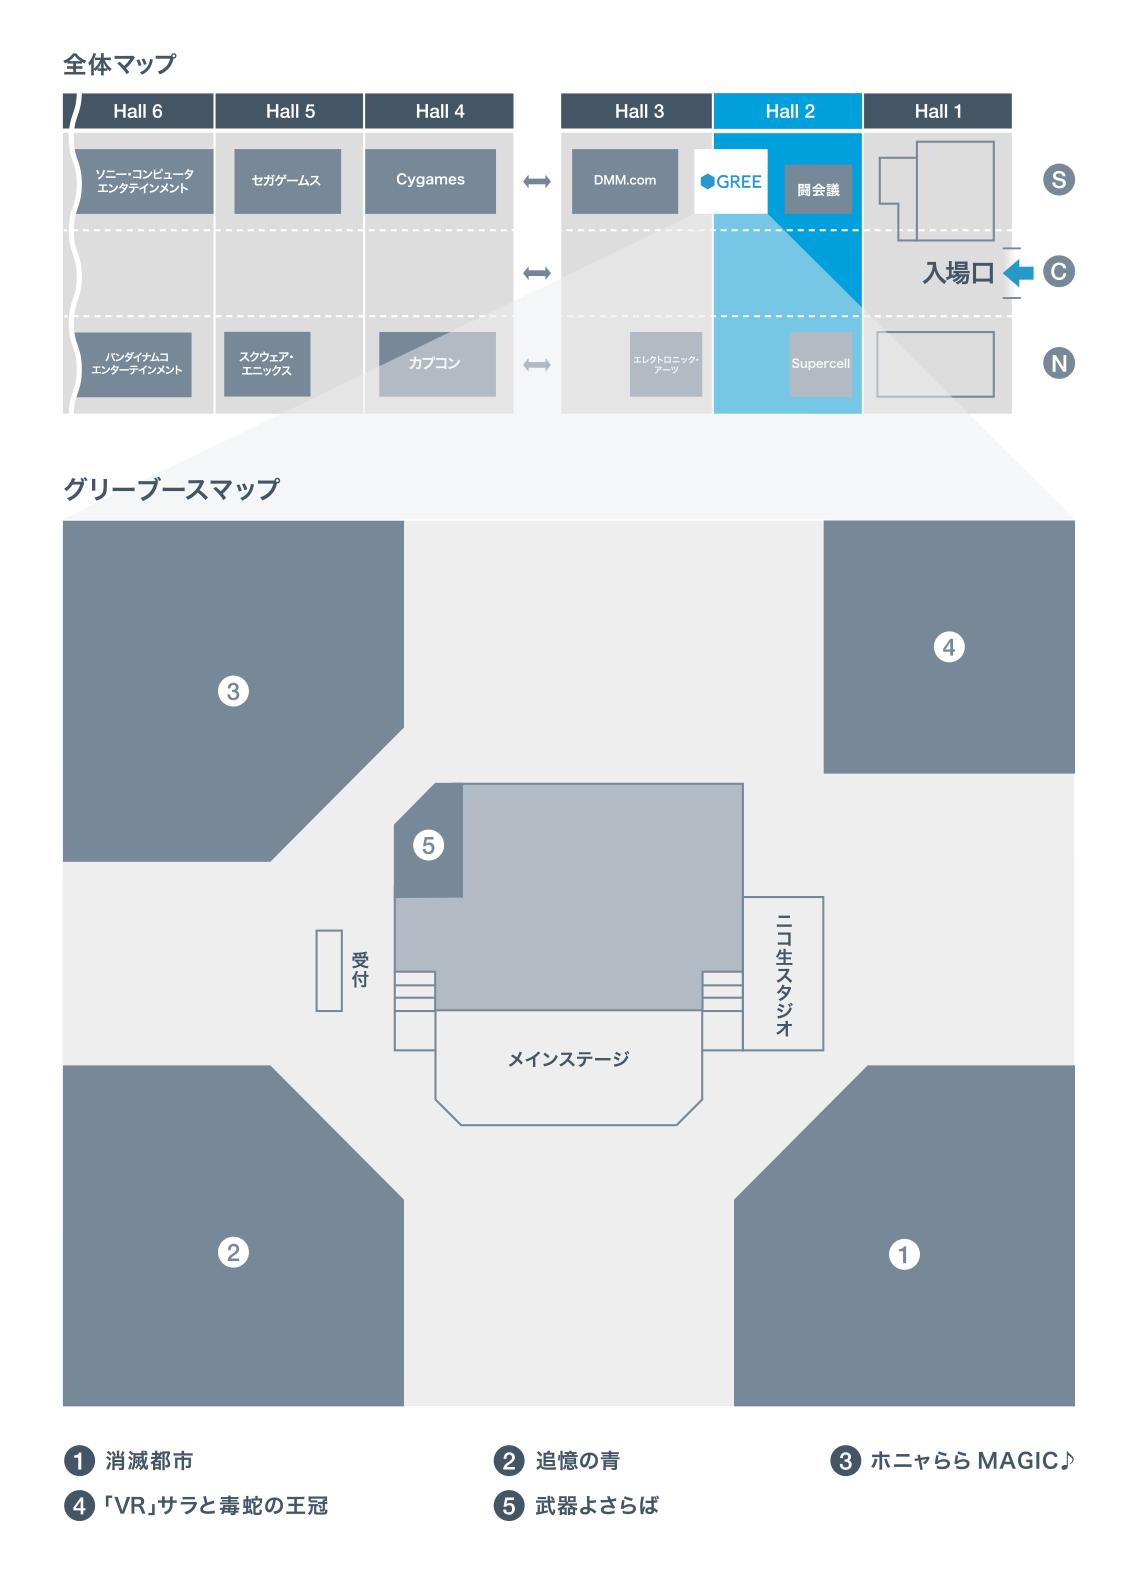 東京ゲームショウ2015グリーブースマップ